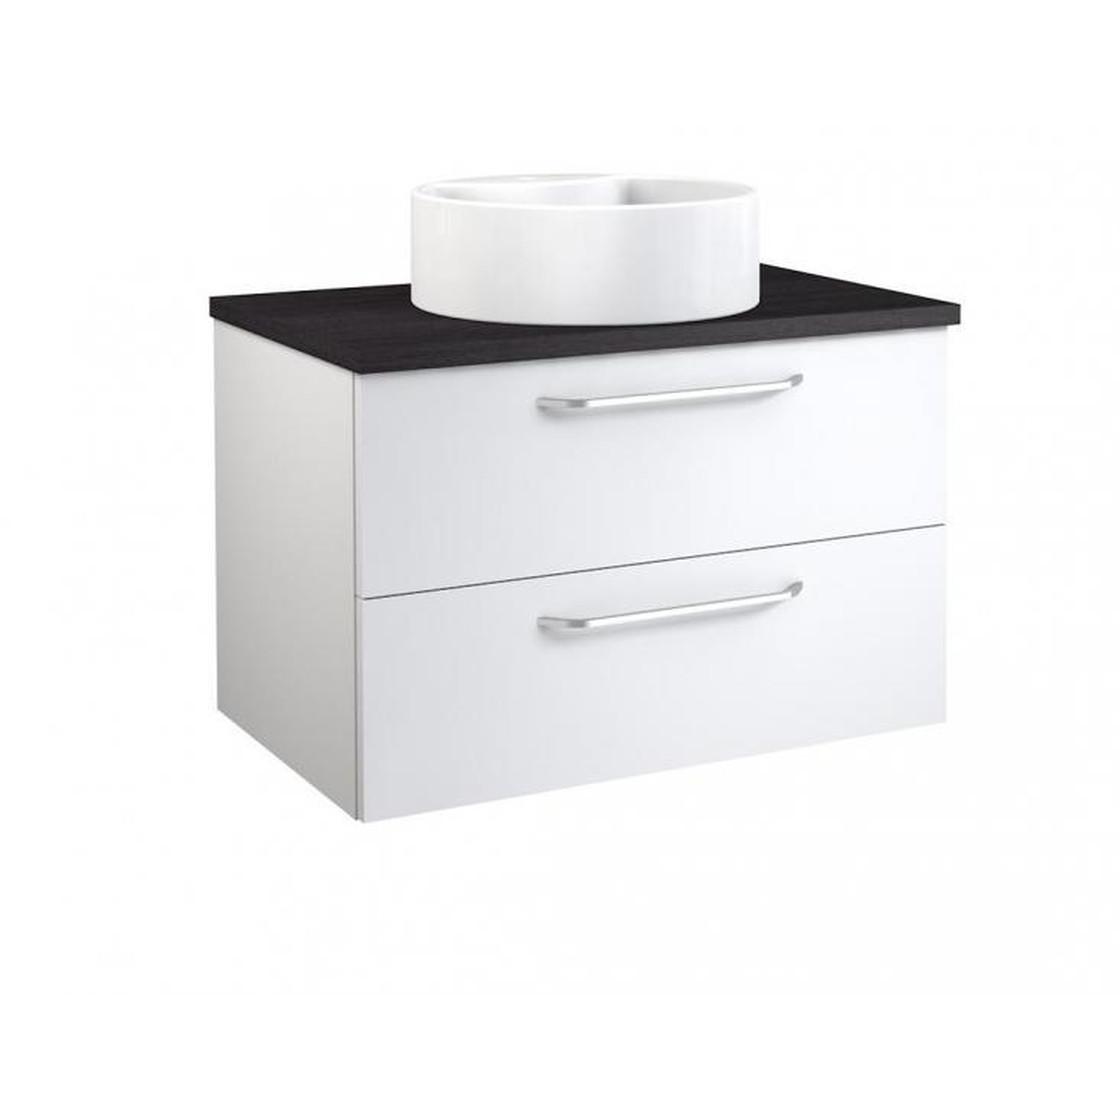 Vidamar Luna Waschtischunterschrank Waschbecken rd 2 Schubladen Eiche  schwarz 75 cm